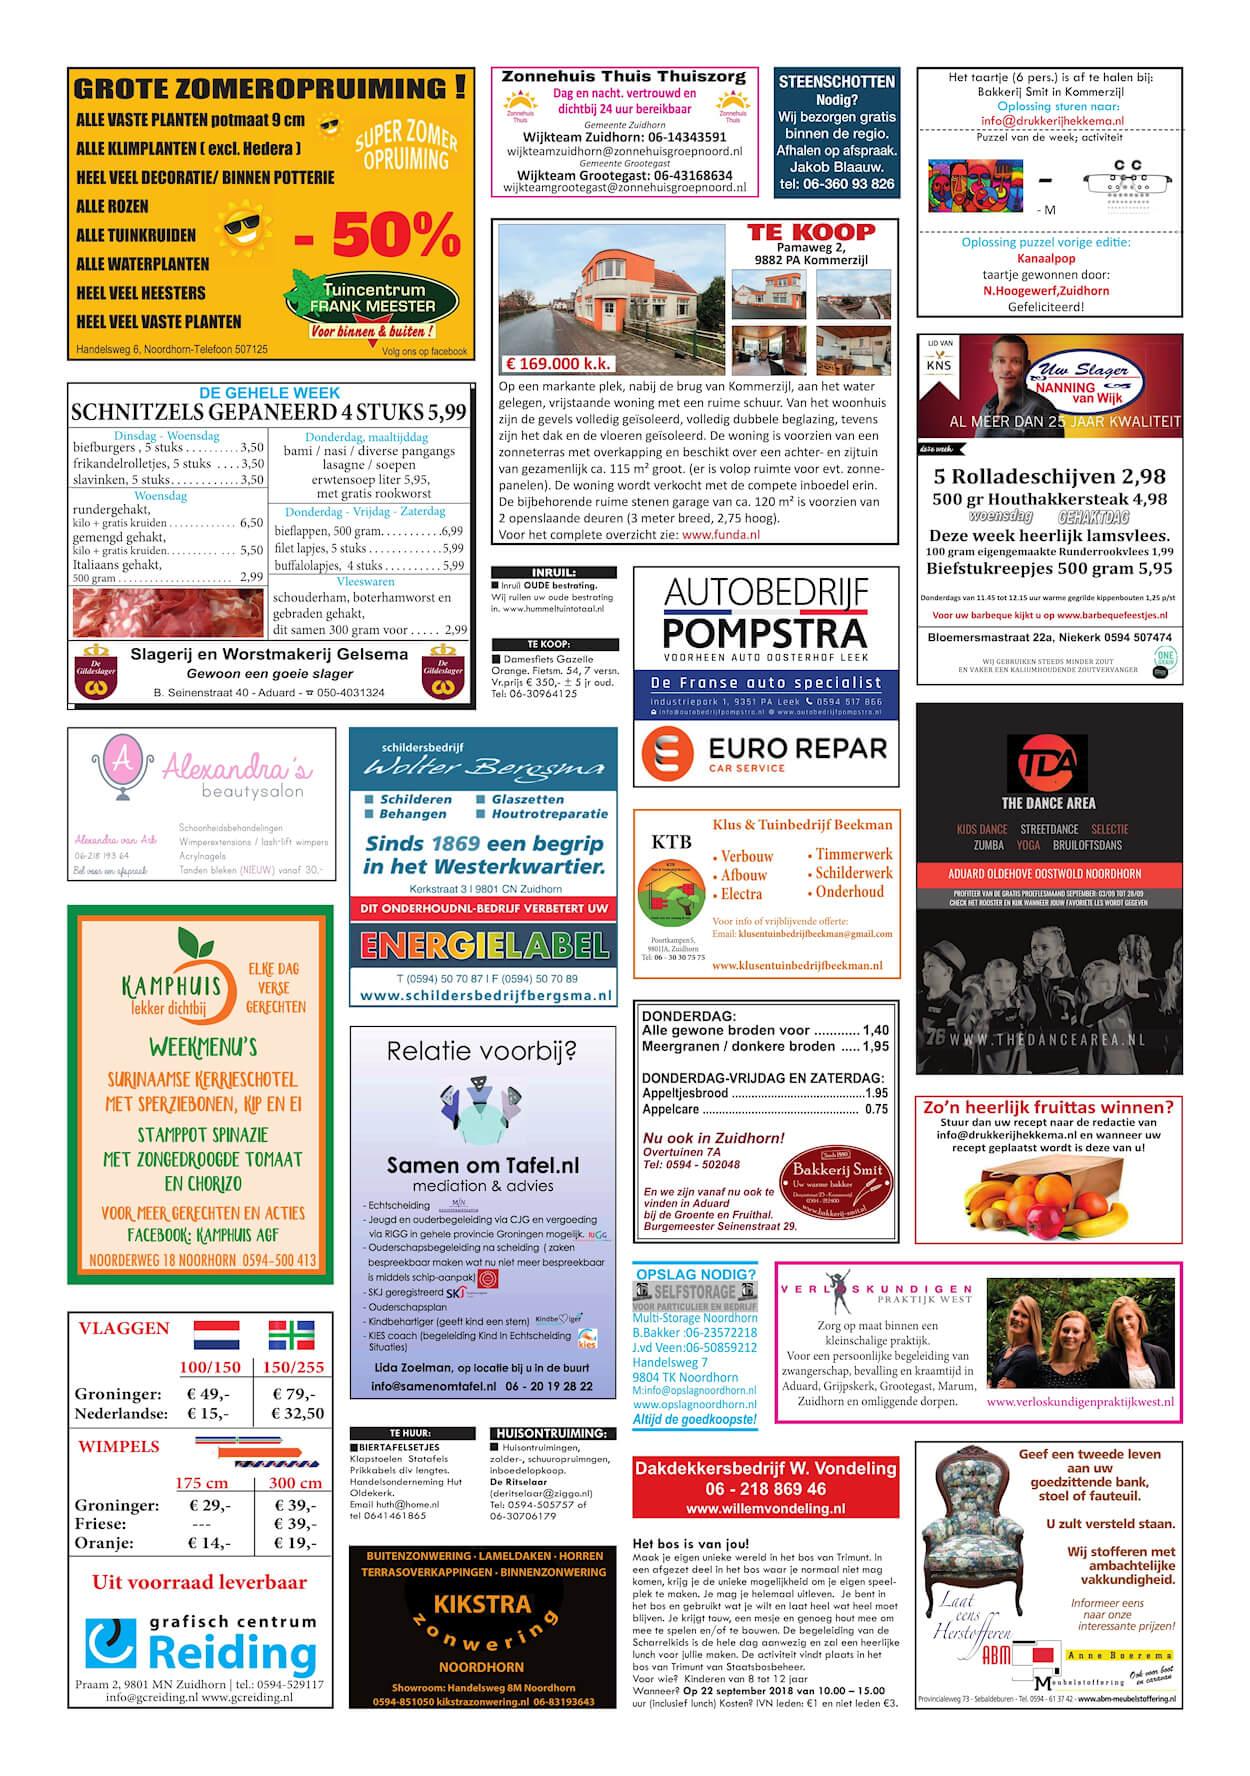 Drukkerij Hekkema - Zuidhorn - Zaken die uw aandacht vragen - 2018 week 37 (2)